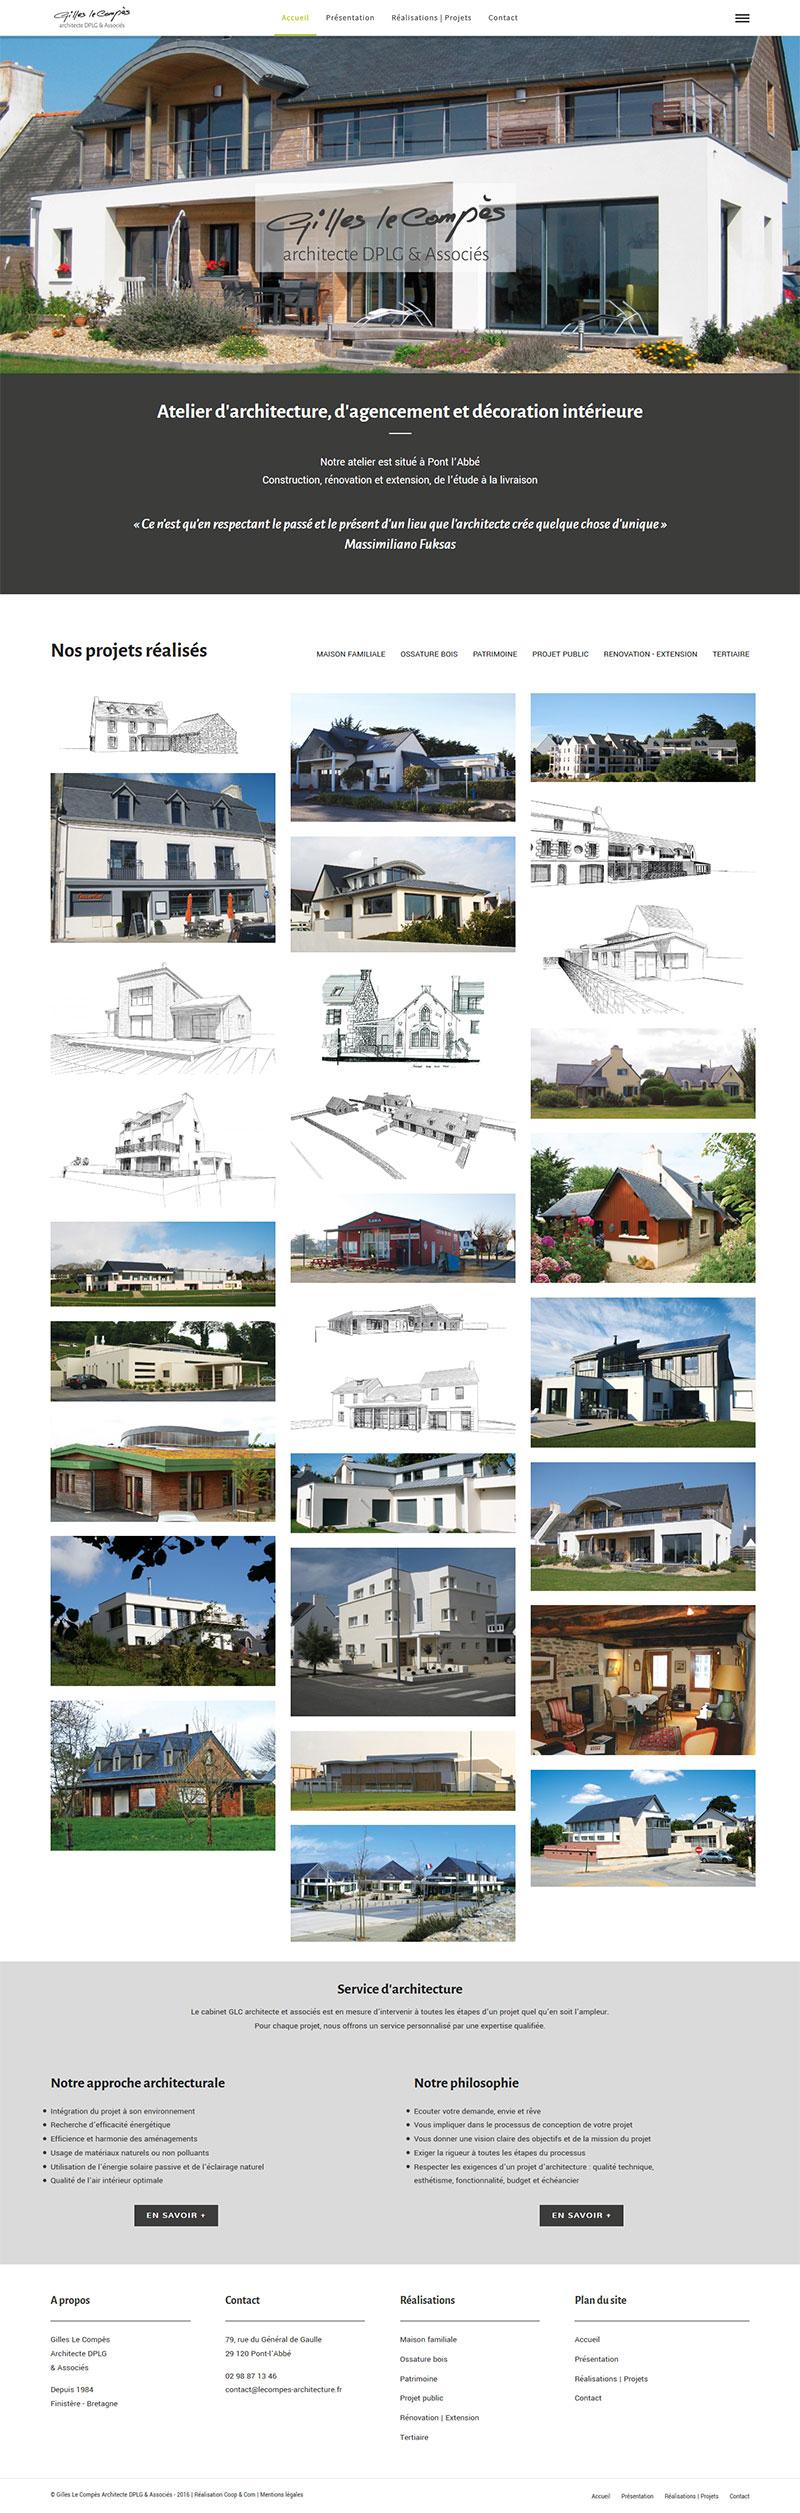 Le Compès Architecture - Accueil